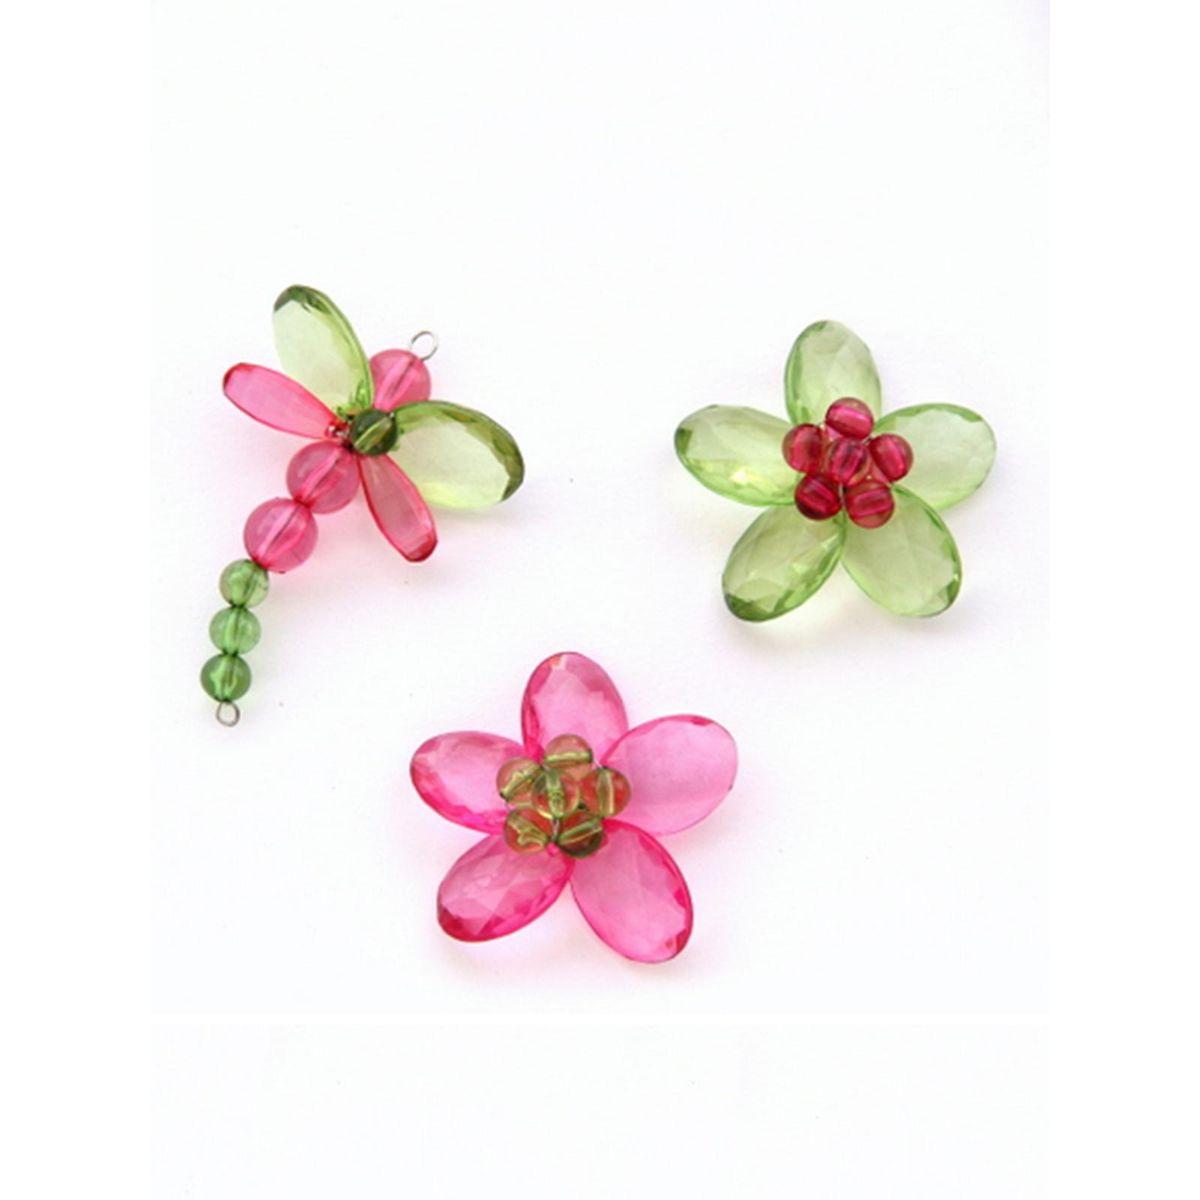 Quirky Fridge Magnets- Garden Green